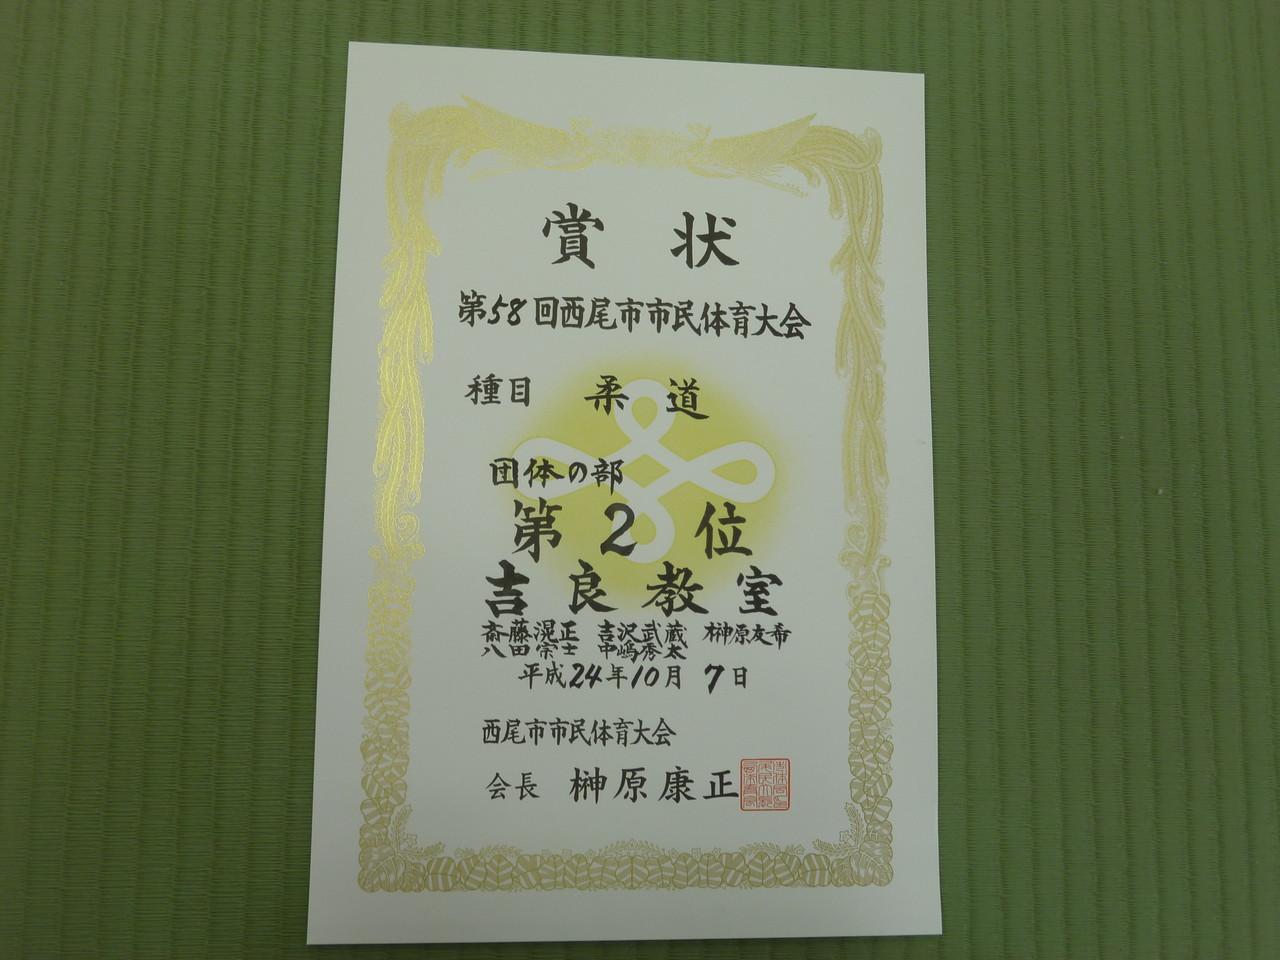 団体戦 準優勝賞状